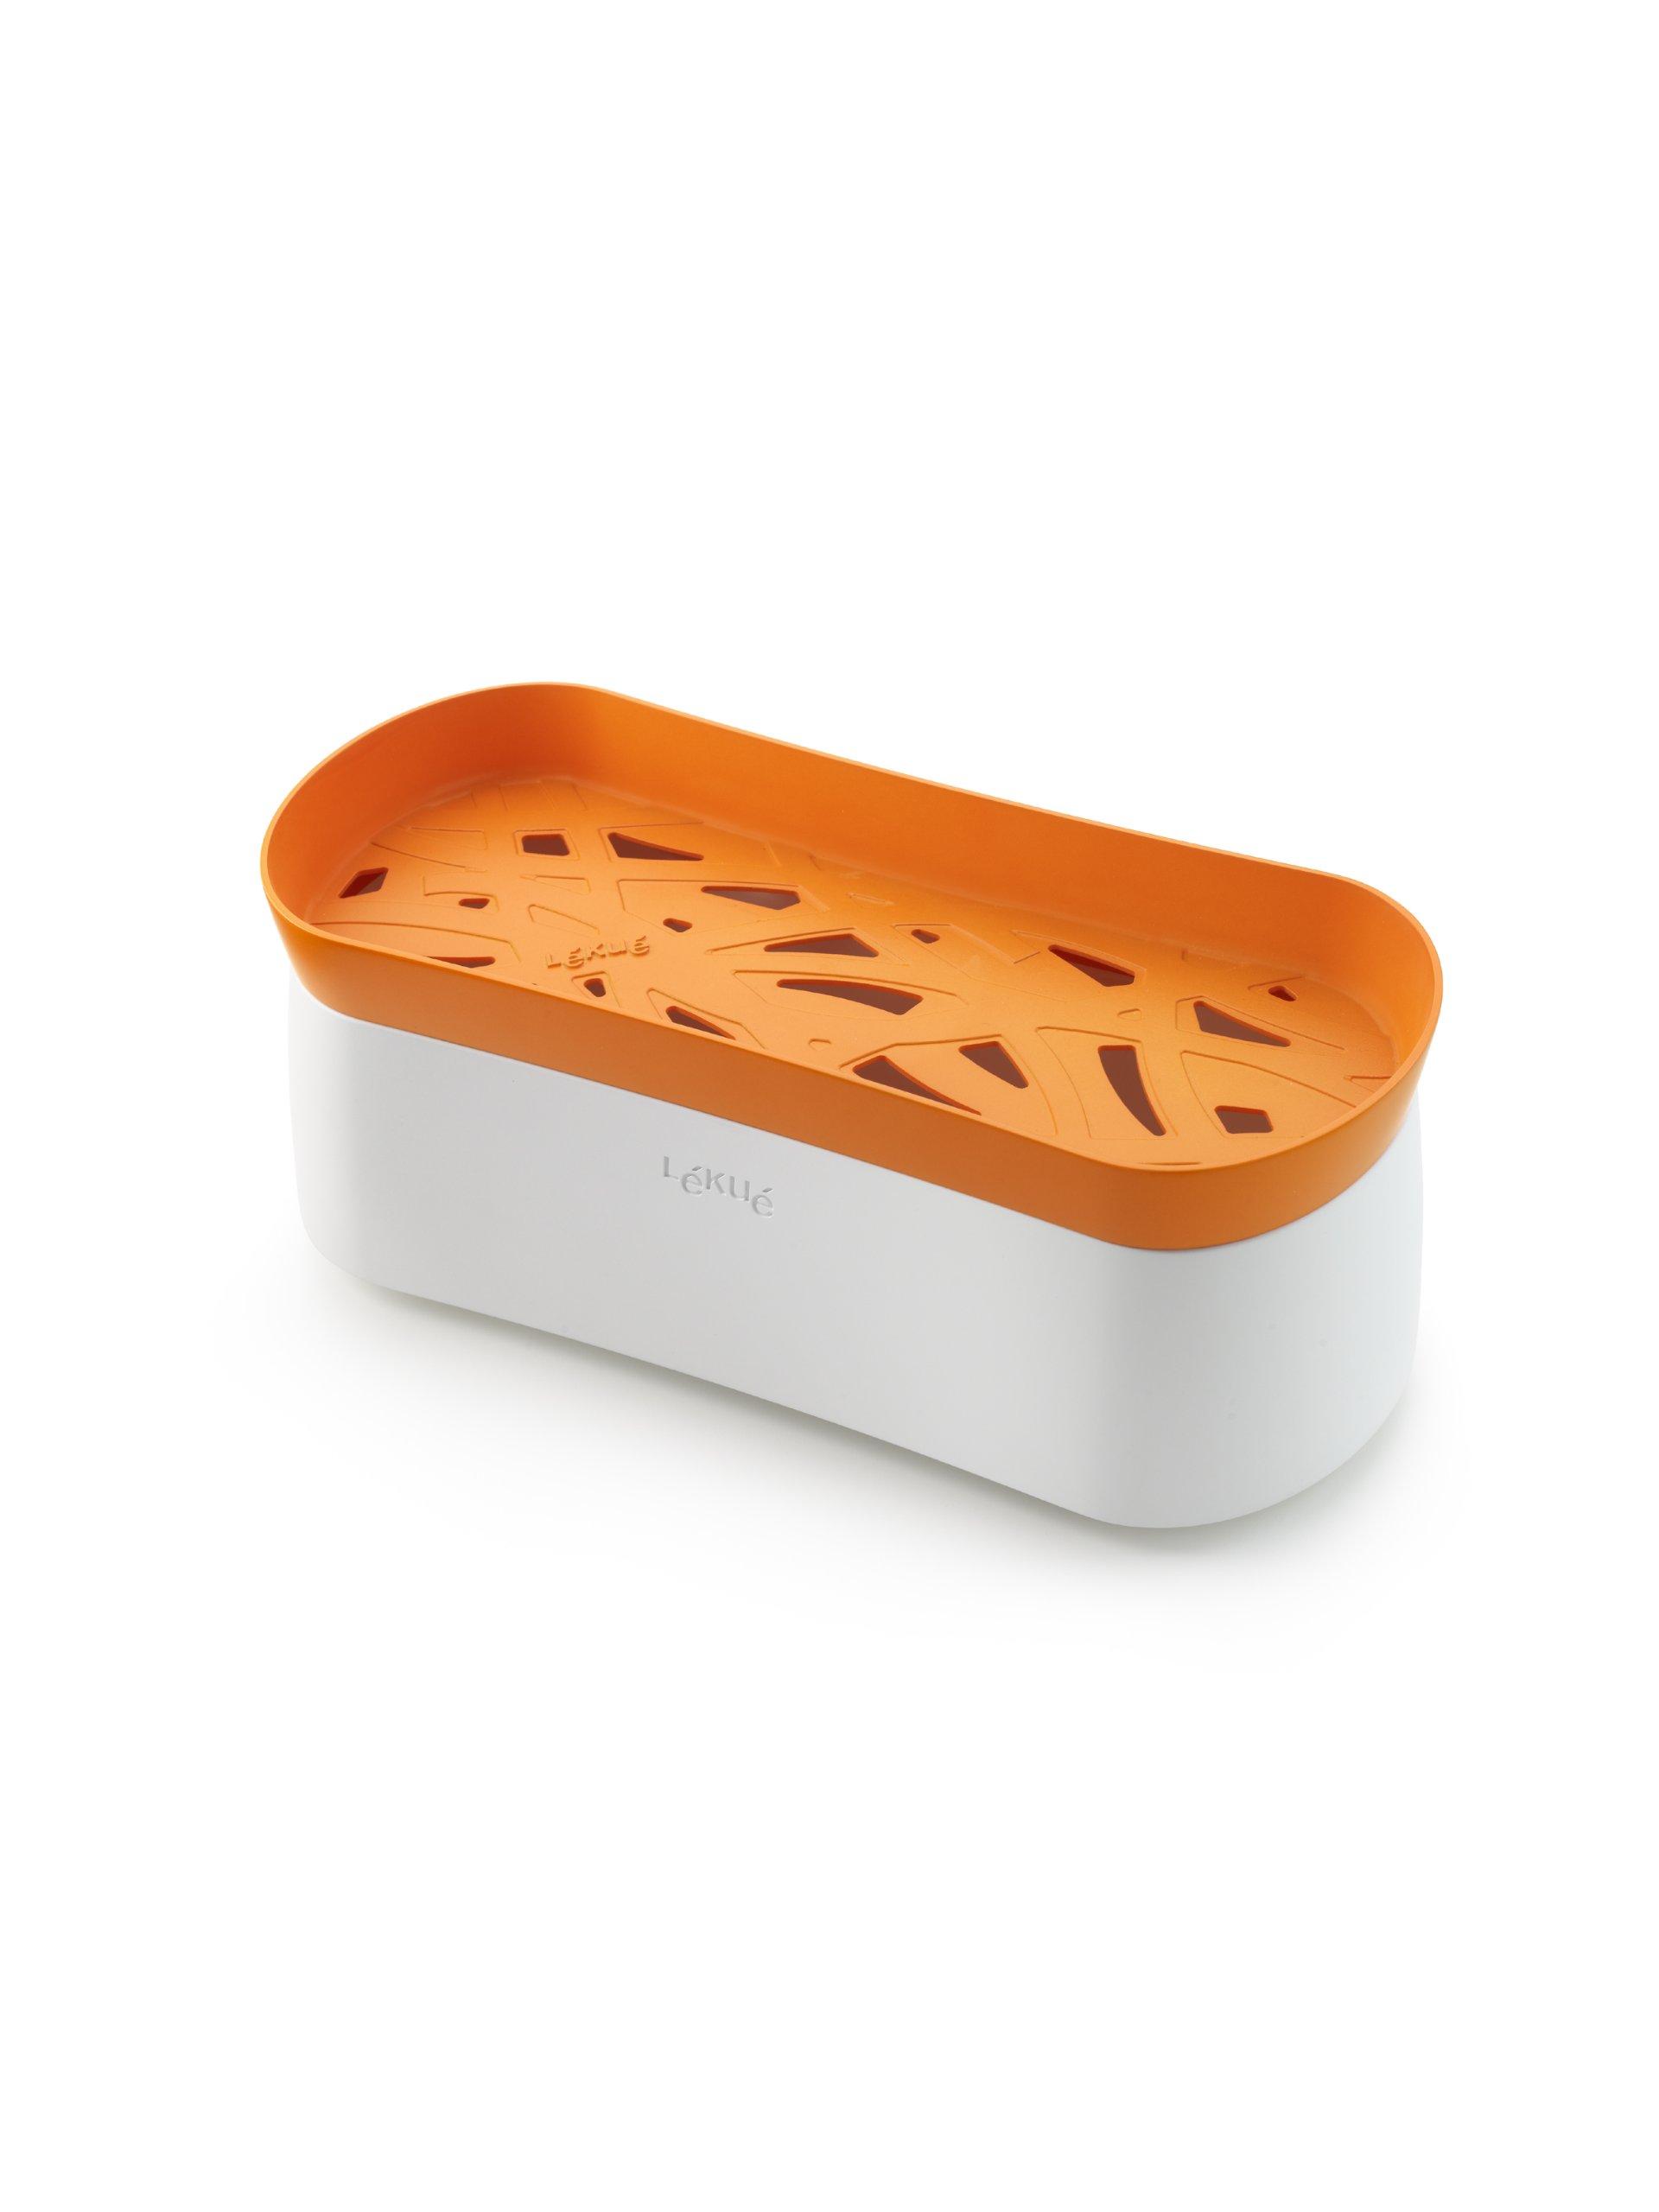 Lekue Pasta Cooker, Model # 0200702N07M017, Orange by Lekue (Image #1)